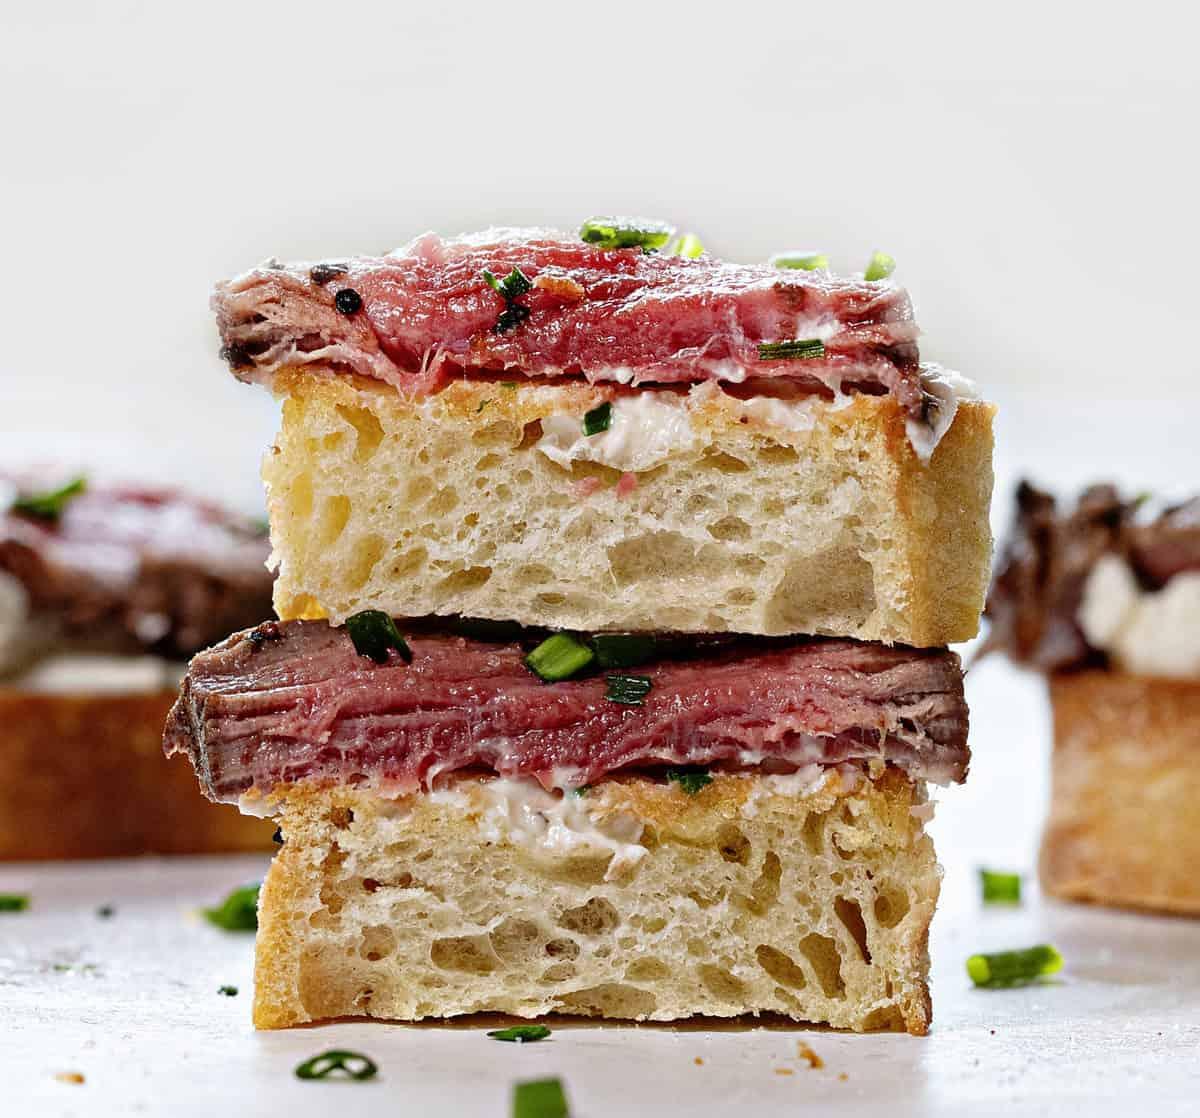 Cut in Half portion of Beef Tenderloin Baguette